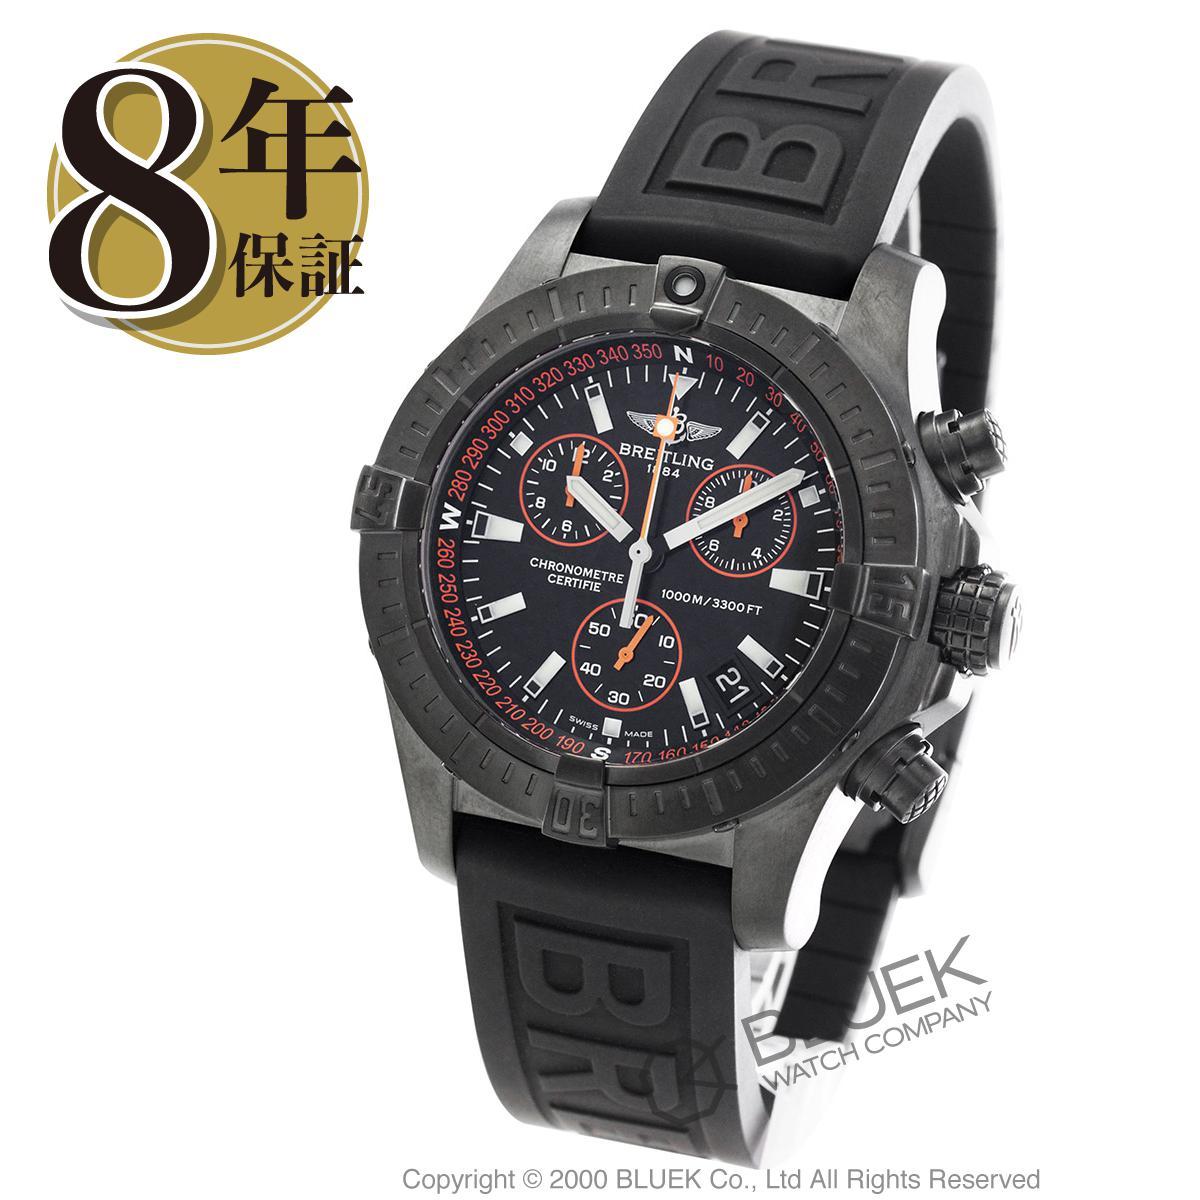 【エントリーでポイント3倍】ブライトリング BREITLING 腕時計 アベンジャー シーウルフ 世界限定1000本 1000m防水 メンズ M739B88VRC_8